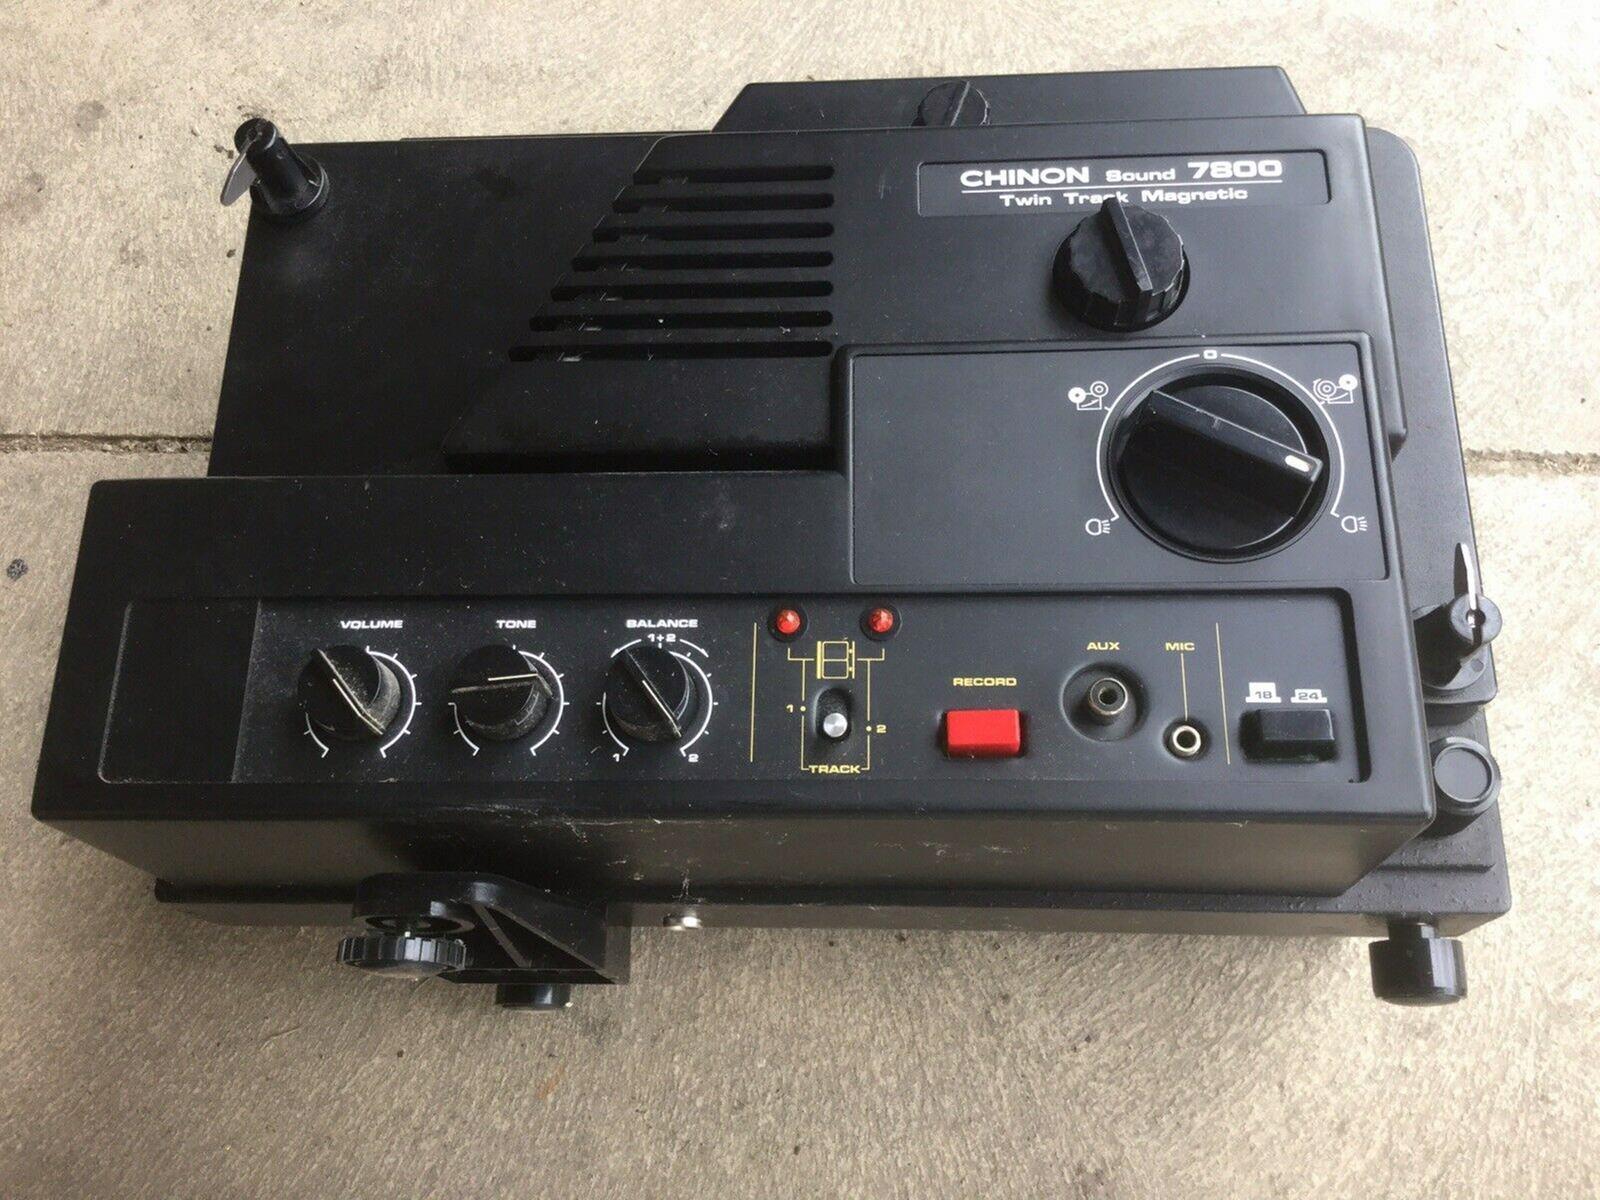 Sound 7800